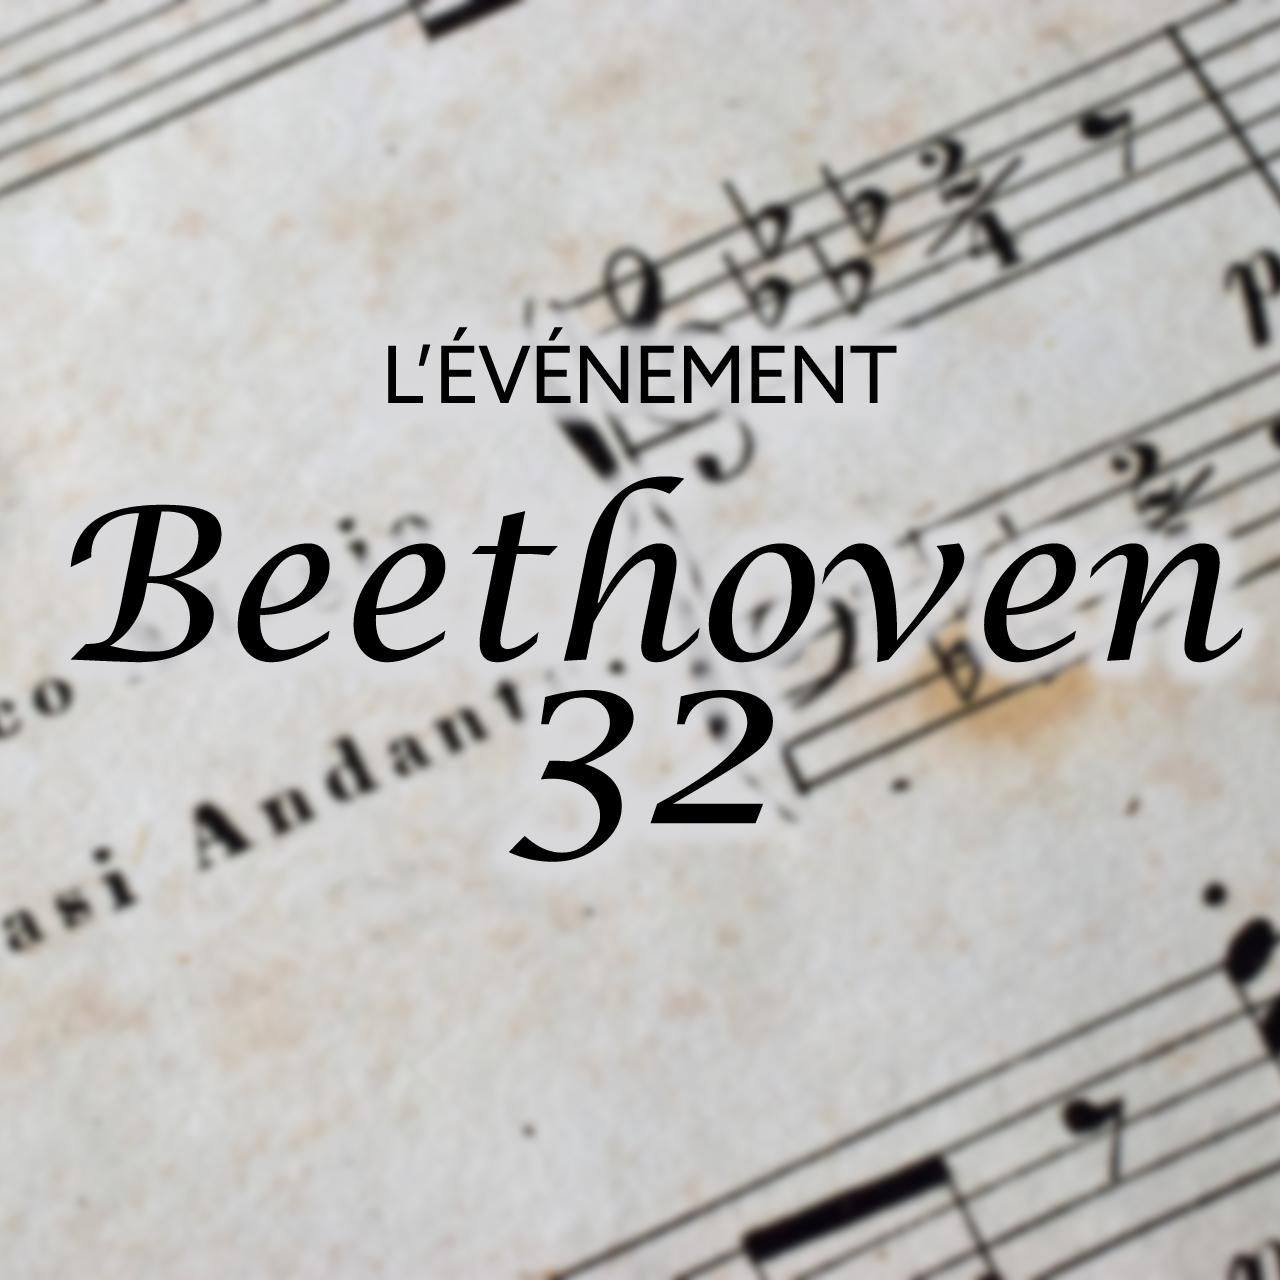 Beethoven 32